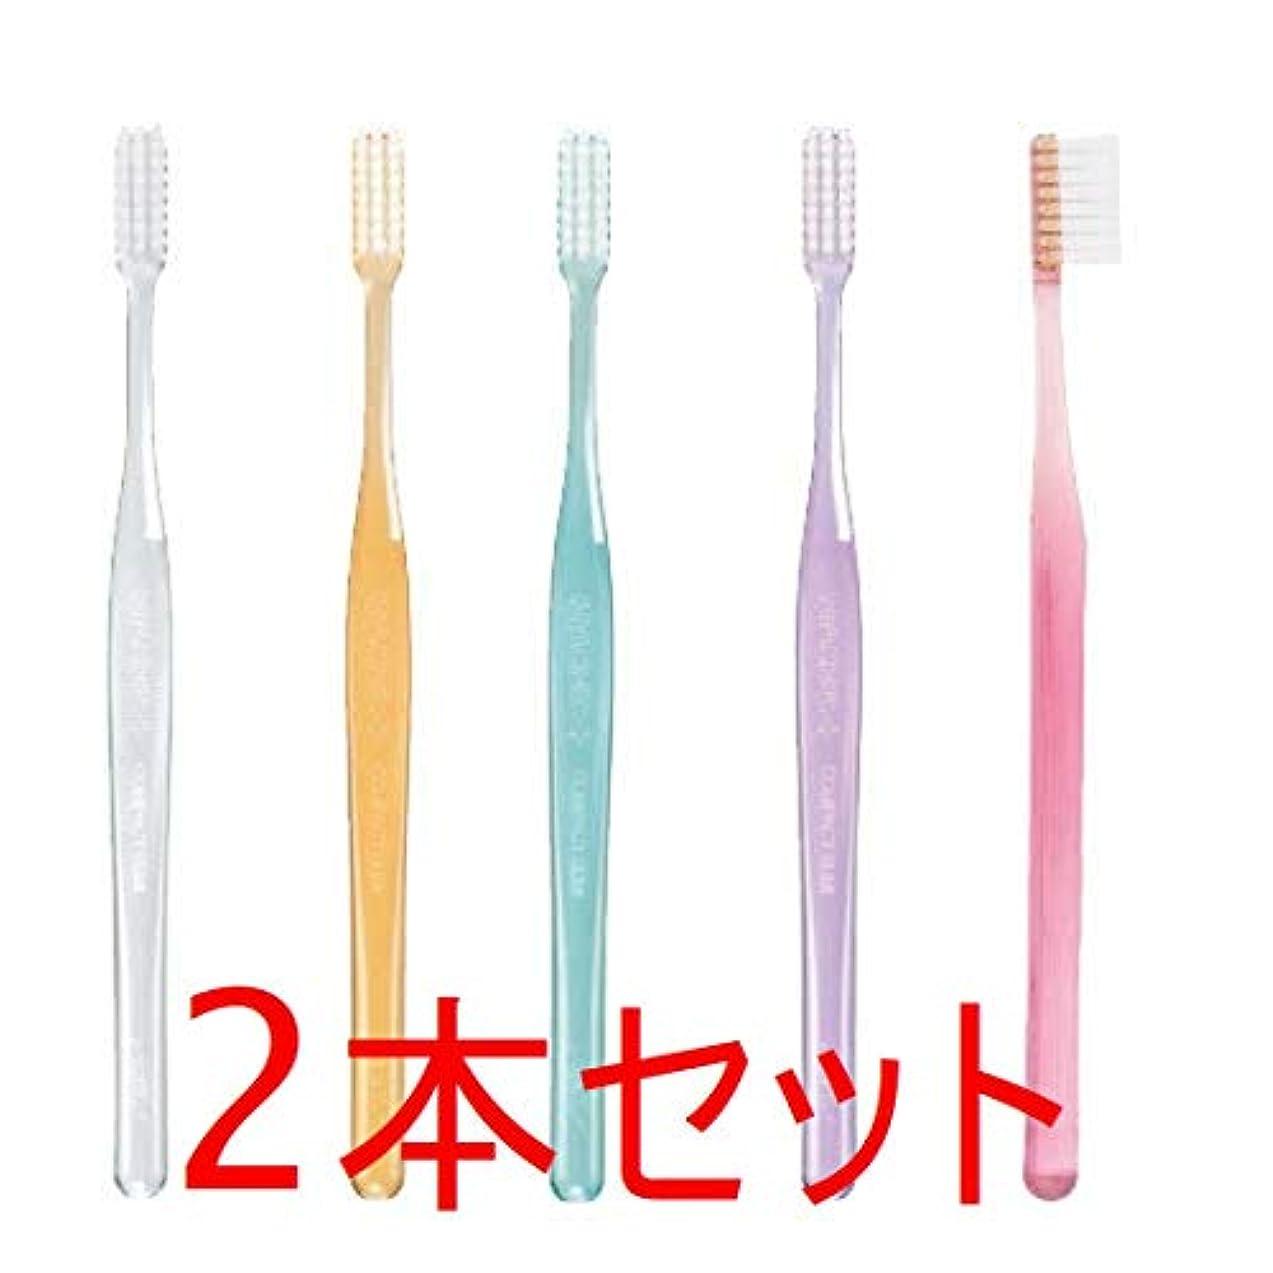 シャンプー苦作り上げるGC プロスペック 歯ブラシ プラス コンパクトスリム 2本 クリアー色 (M(ふつう), おまかせ)